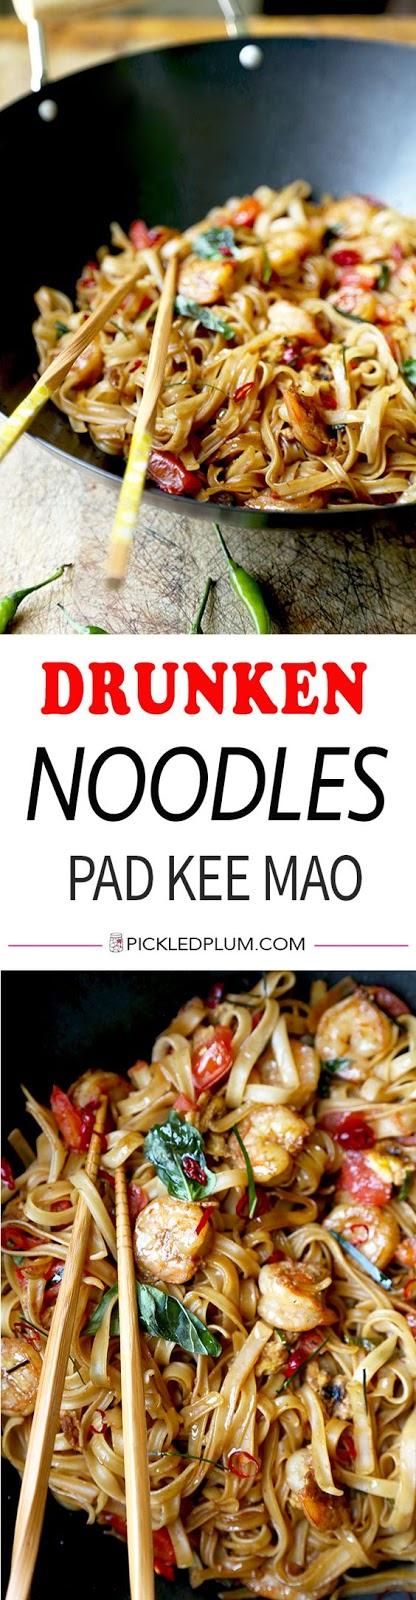 DRUNKEN NOODLES – PAD KEE MAO